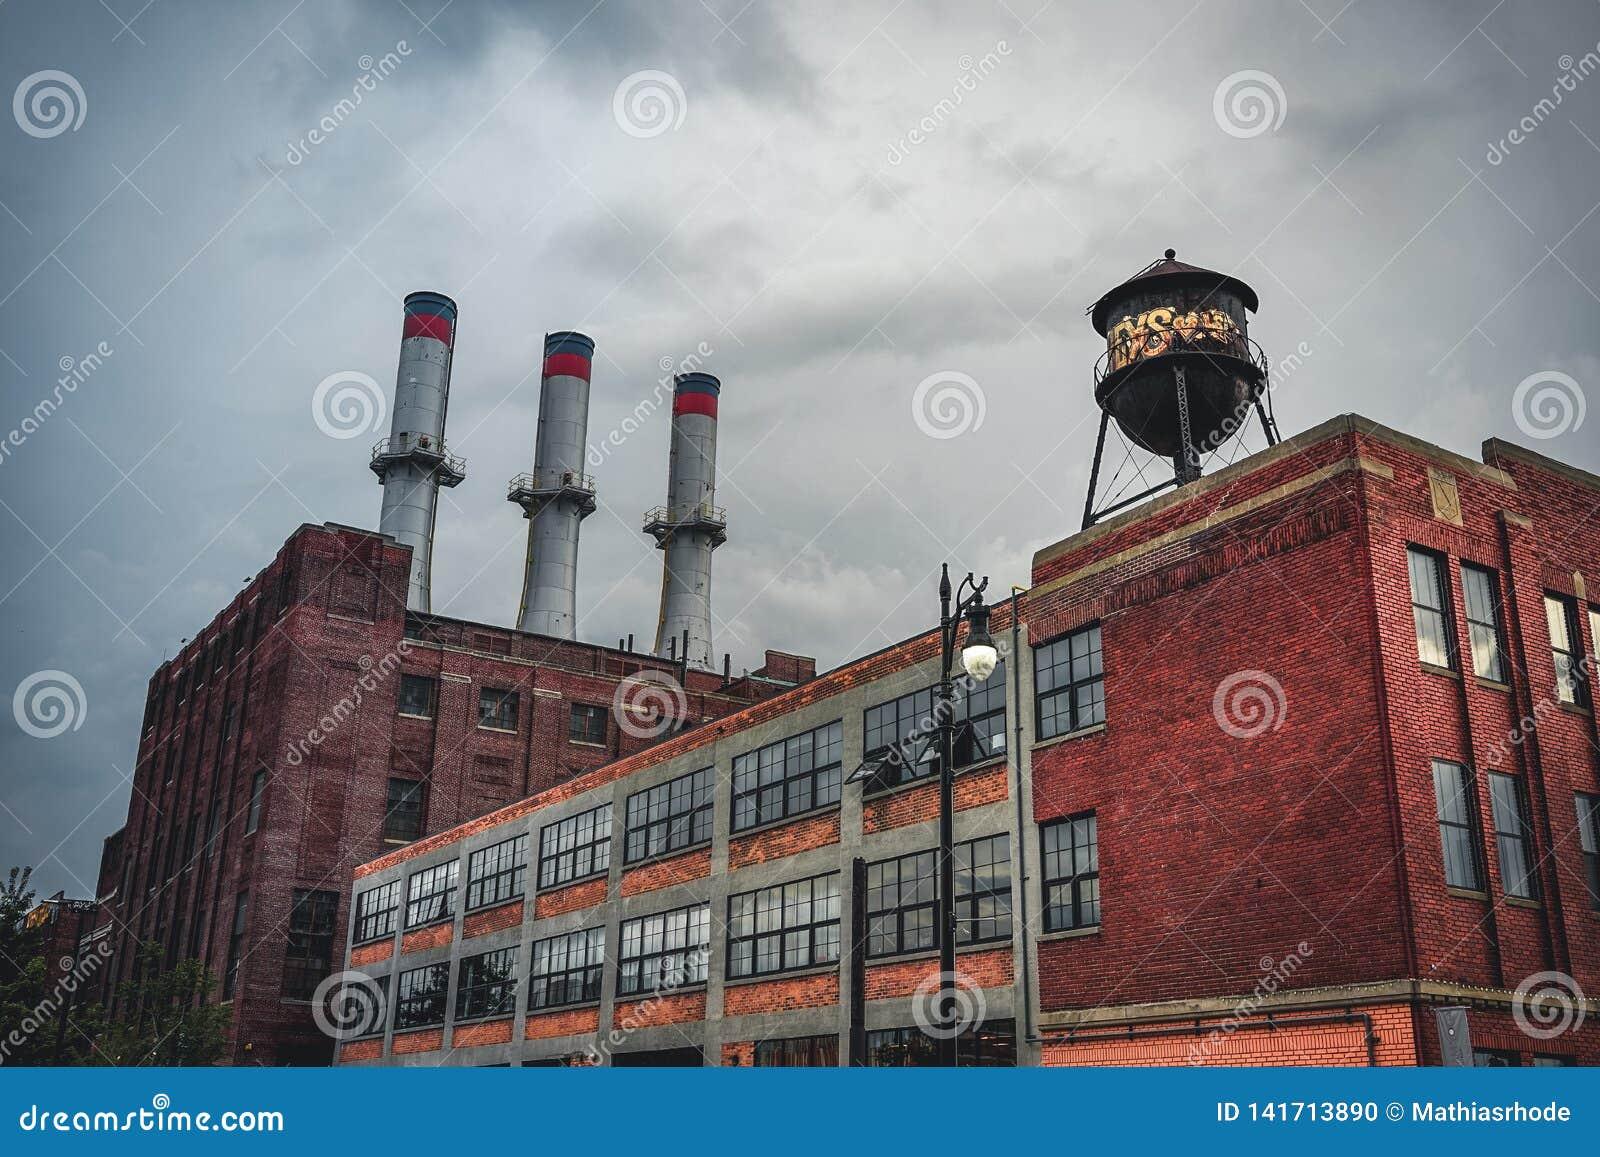 Detroit, Michigan, am 18. Mai 2018: Ansicht in Richtung zu typischer Detroit-Automobilfabrik mit Wasserturm und Kamin